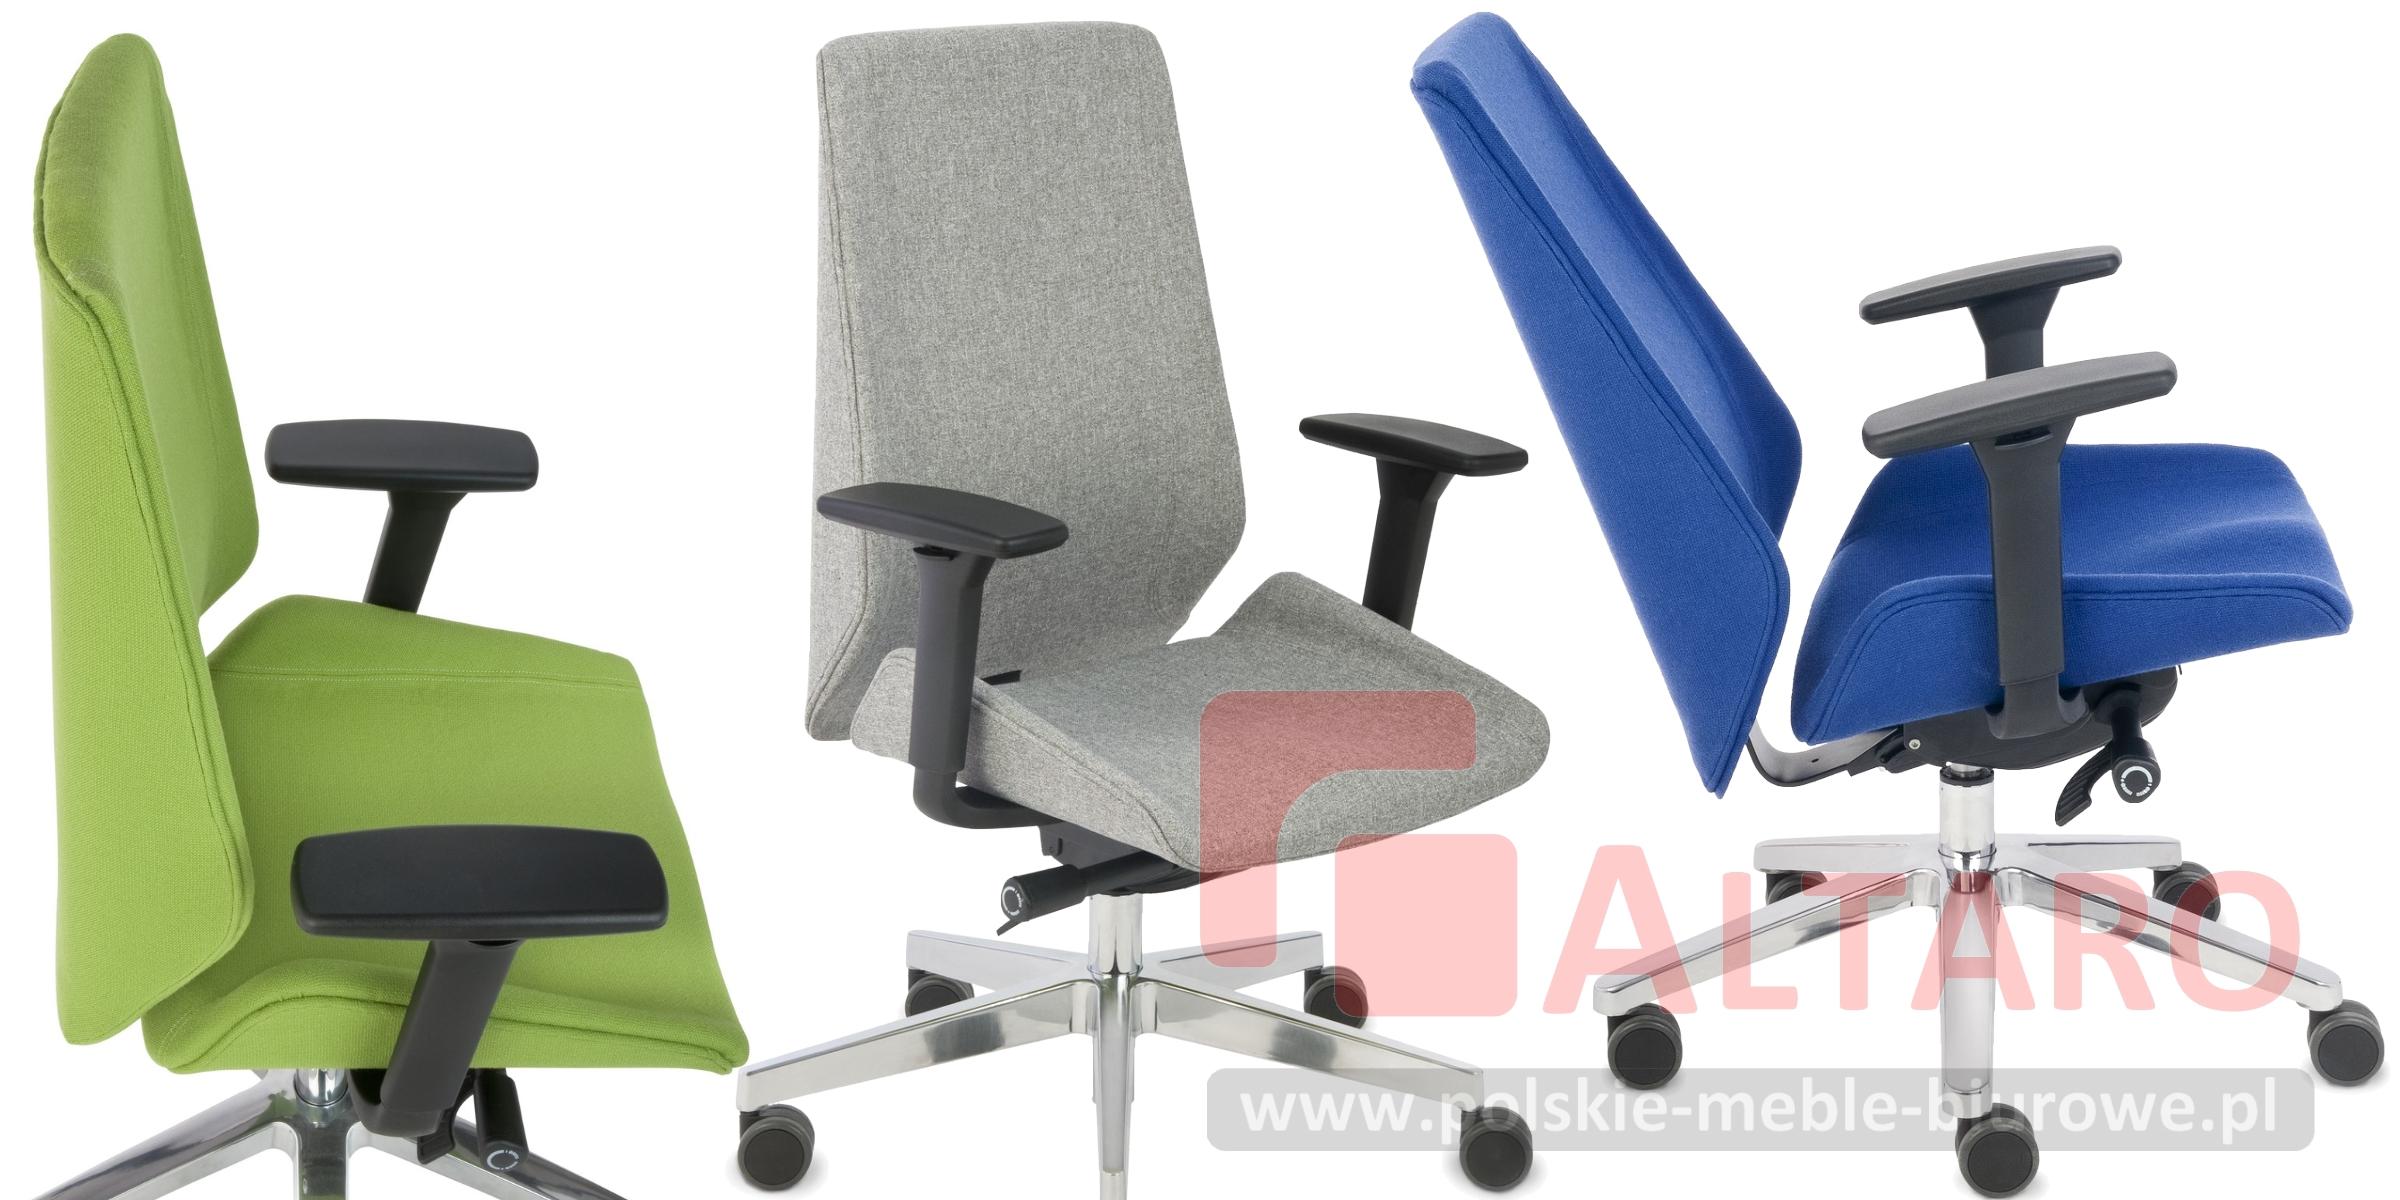 krzesła biurowe obrotowe Moon ALTARO